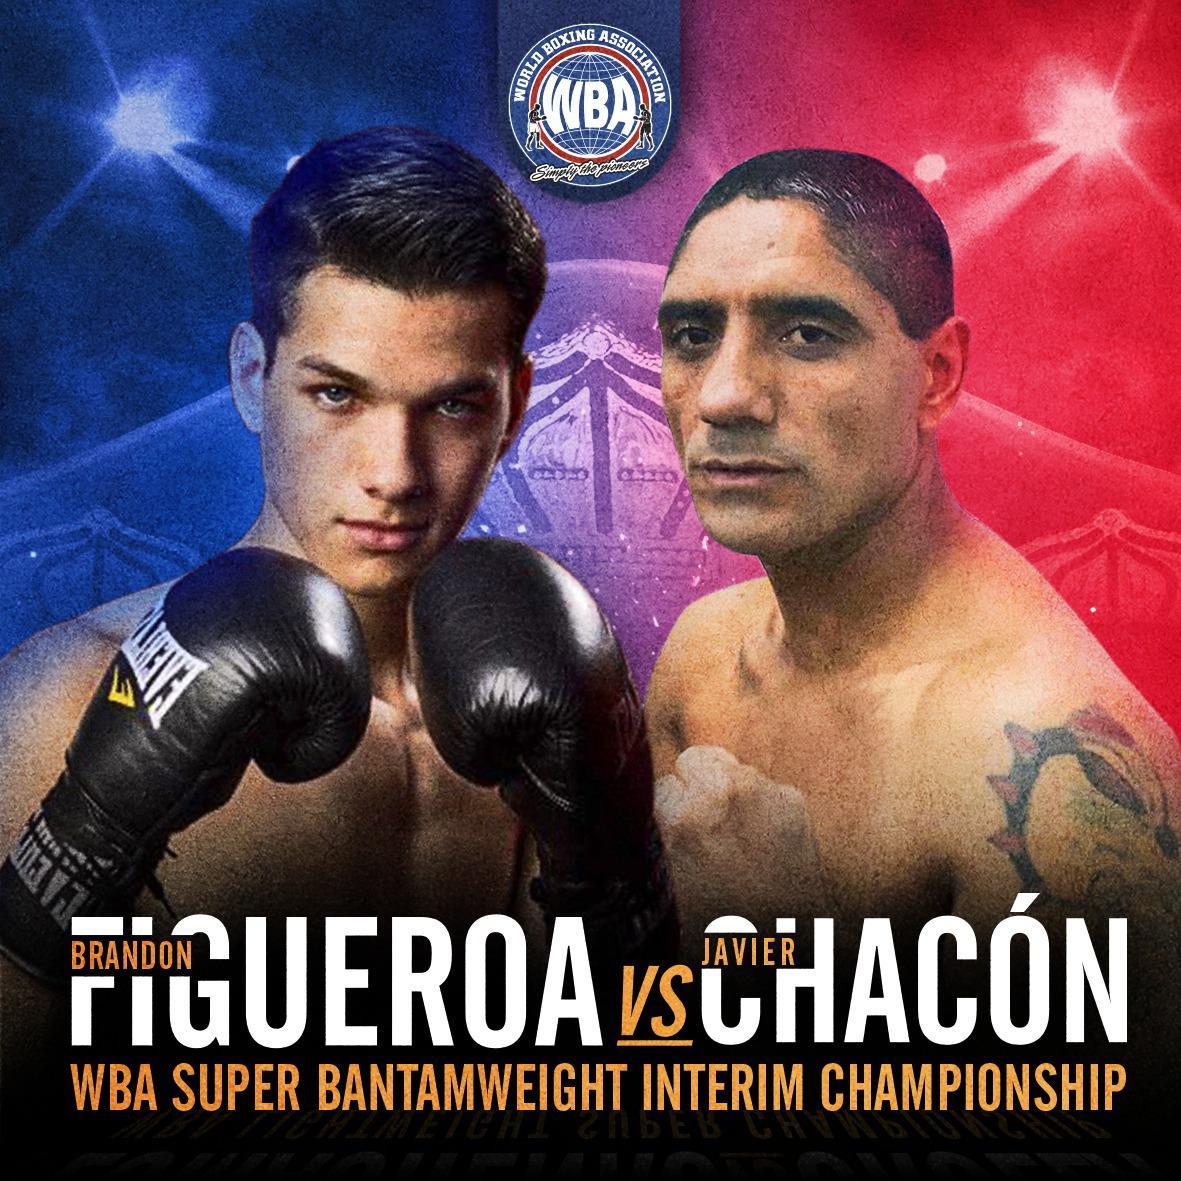 Figueroa hará su primera defensa contra el veterano Chacón